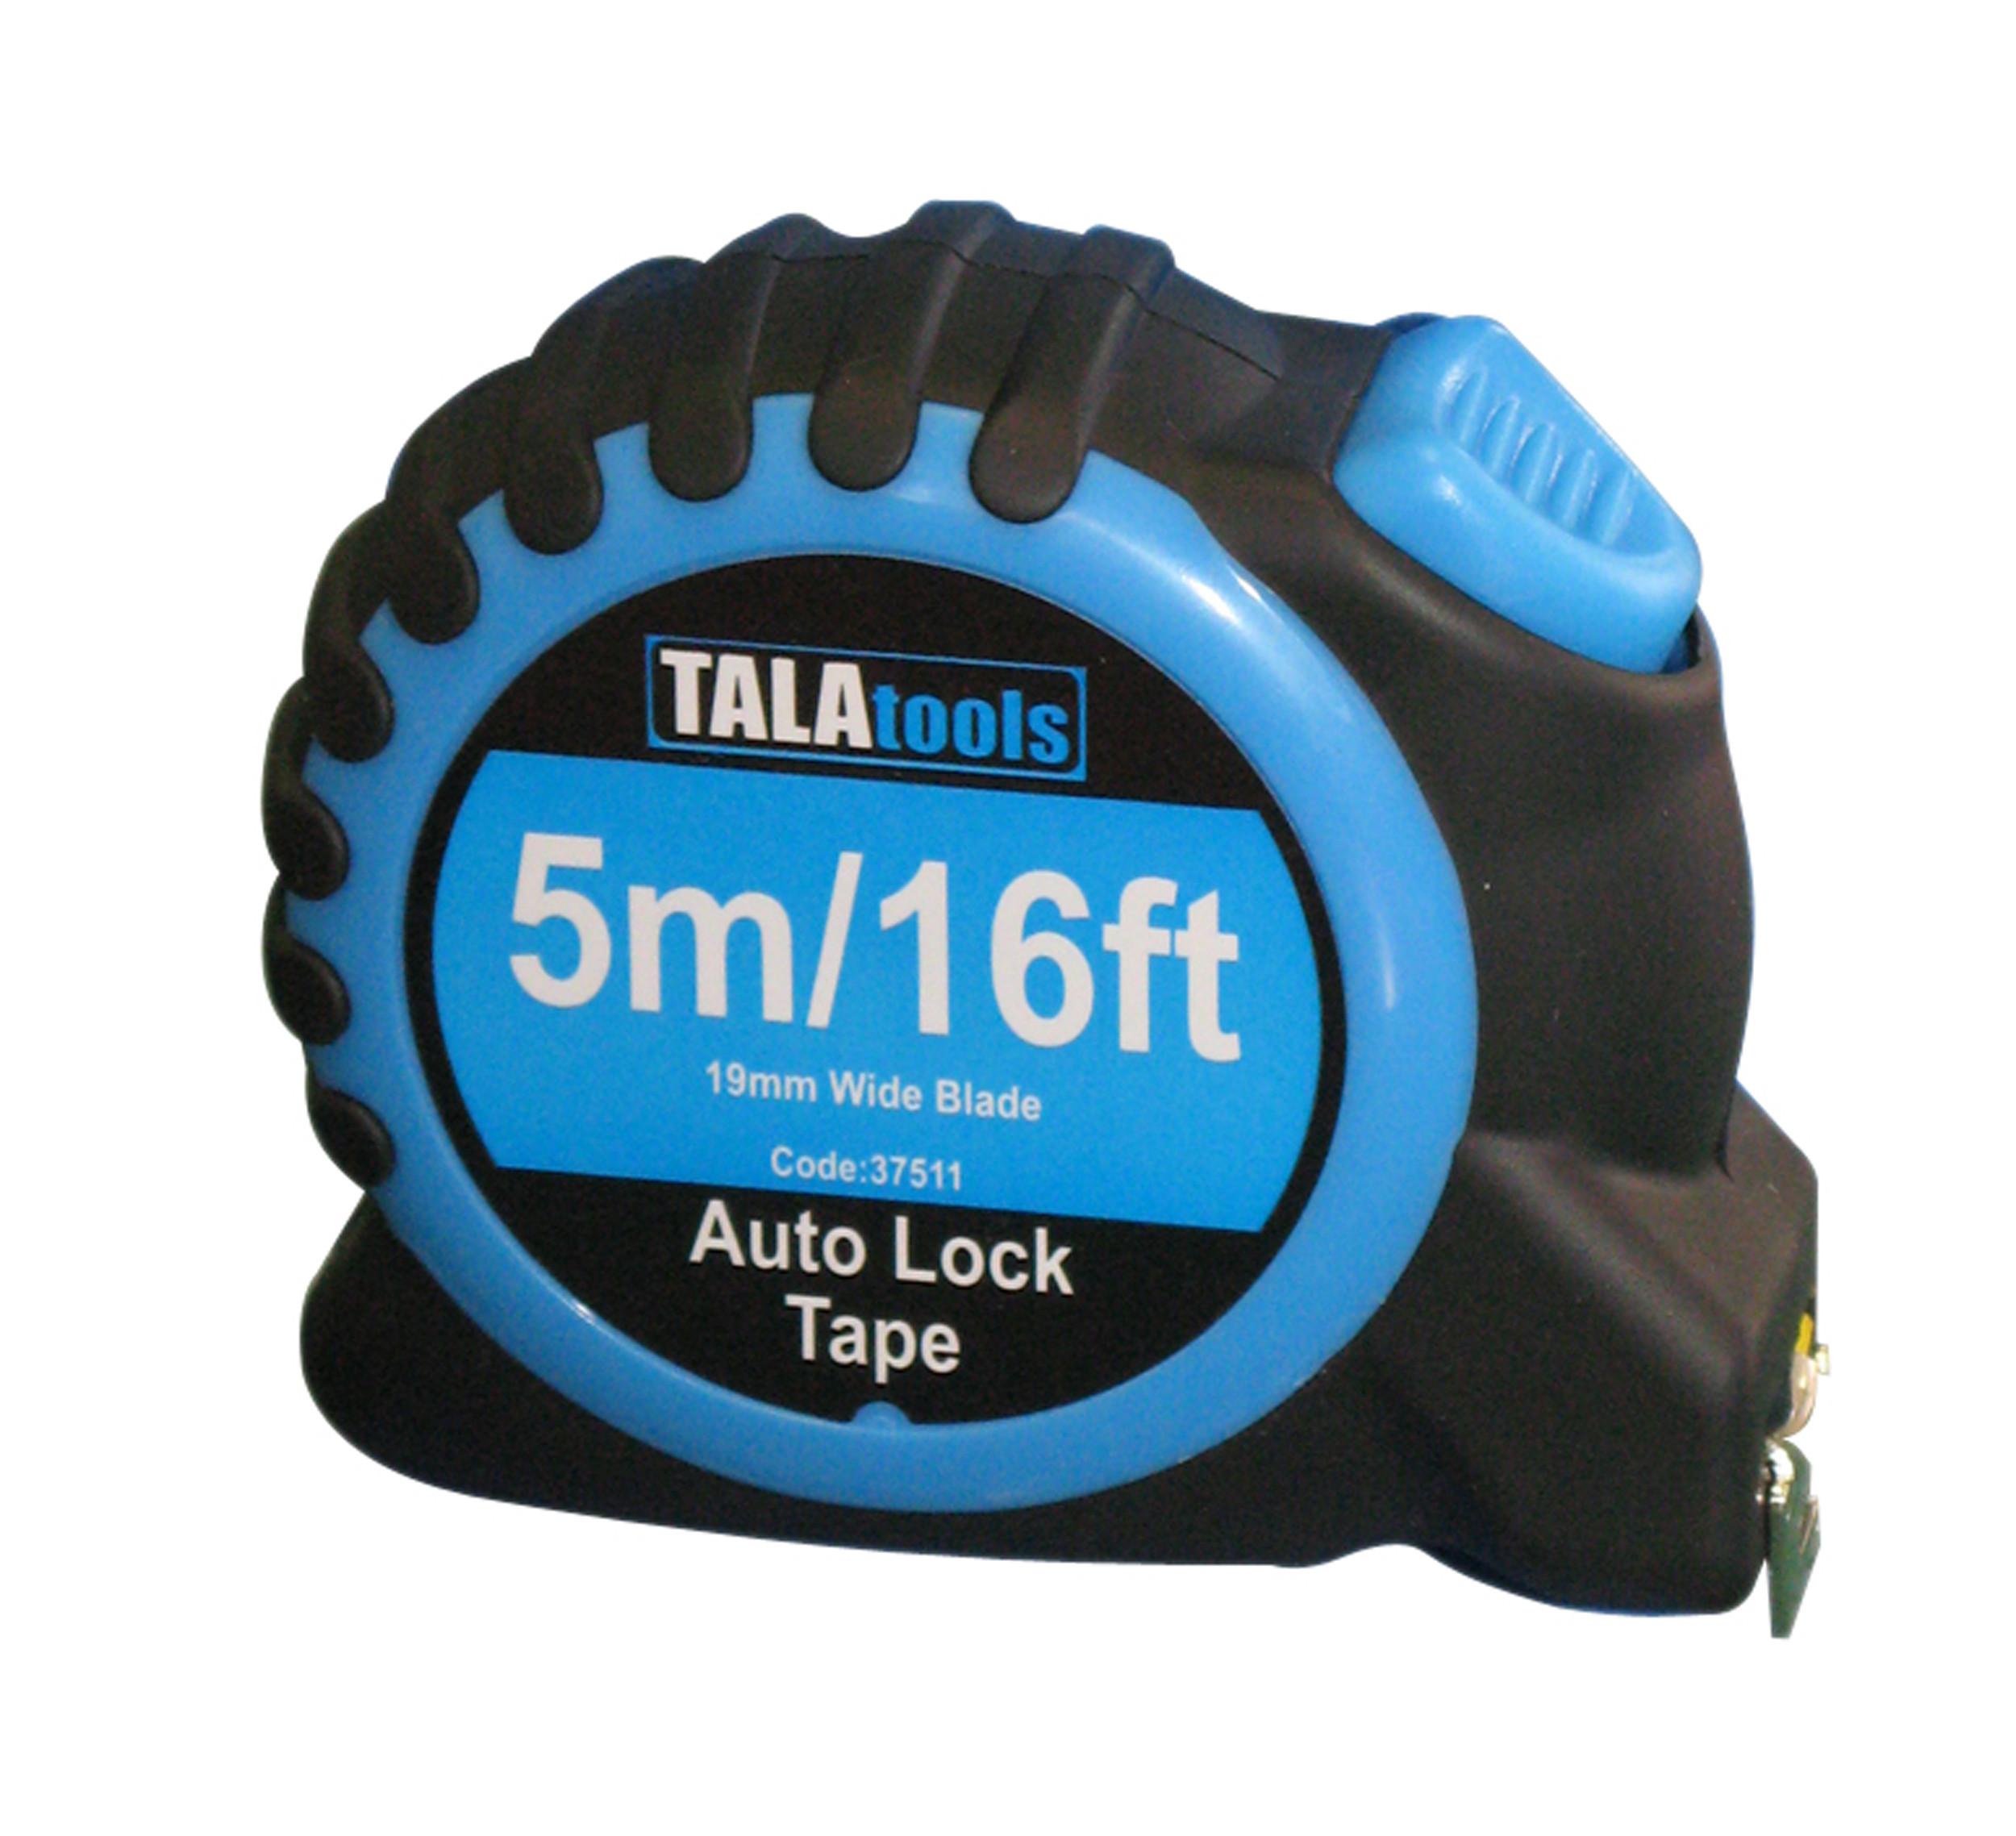 Auto Lock Tape  5m